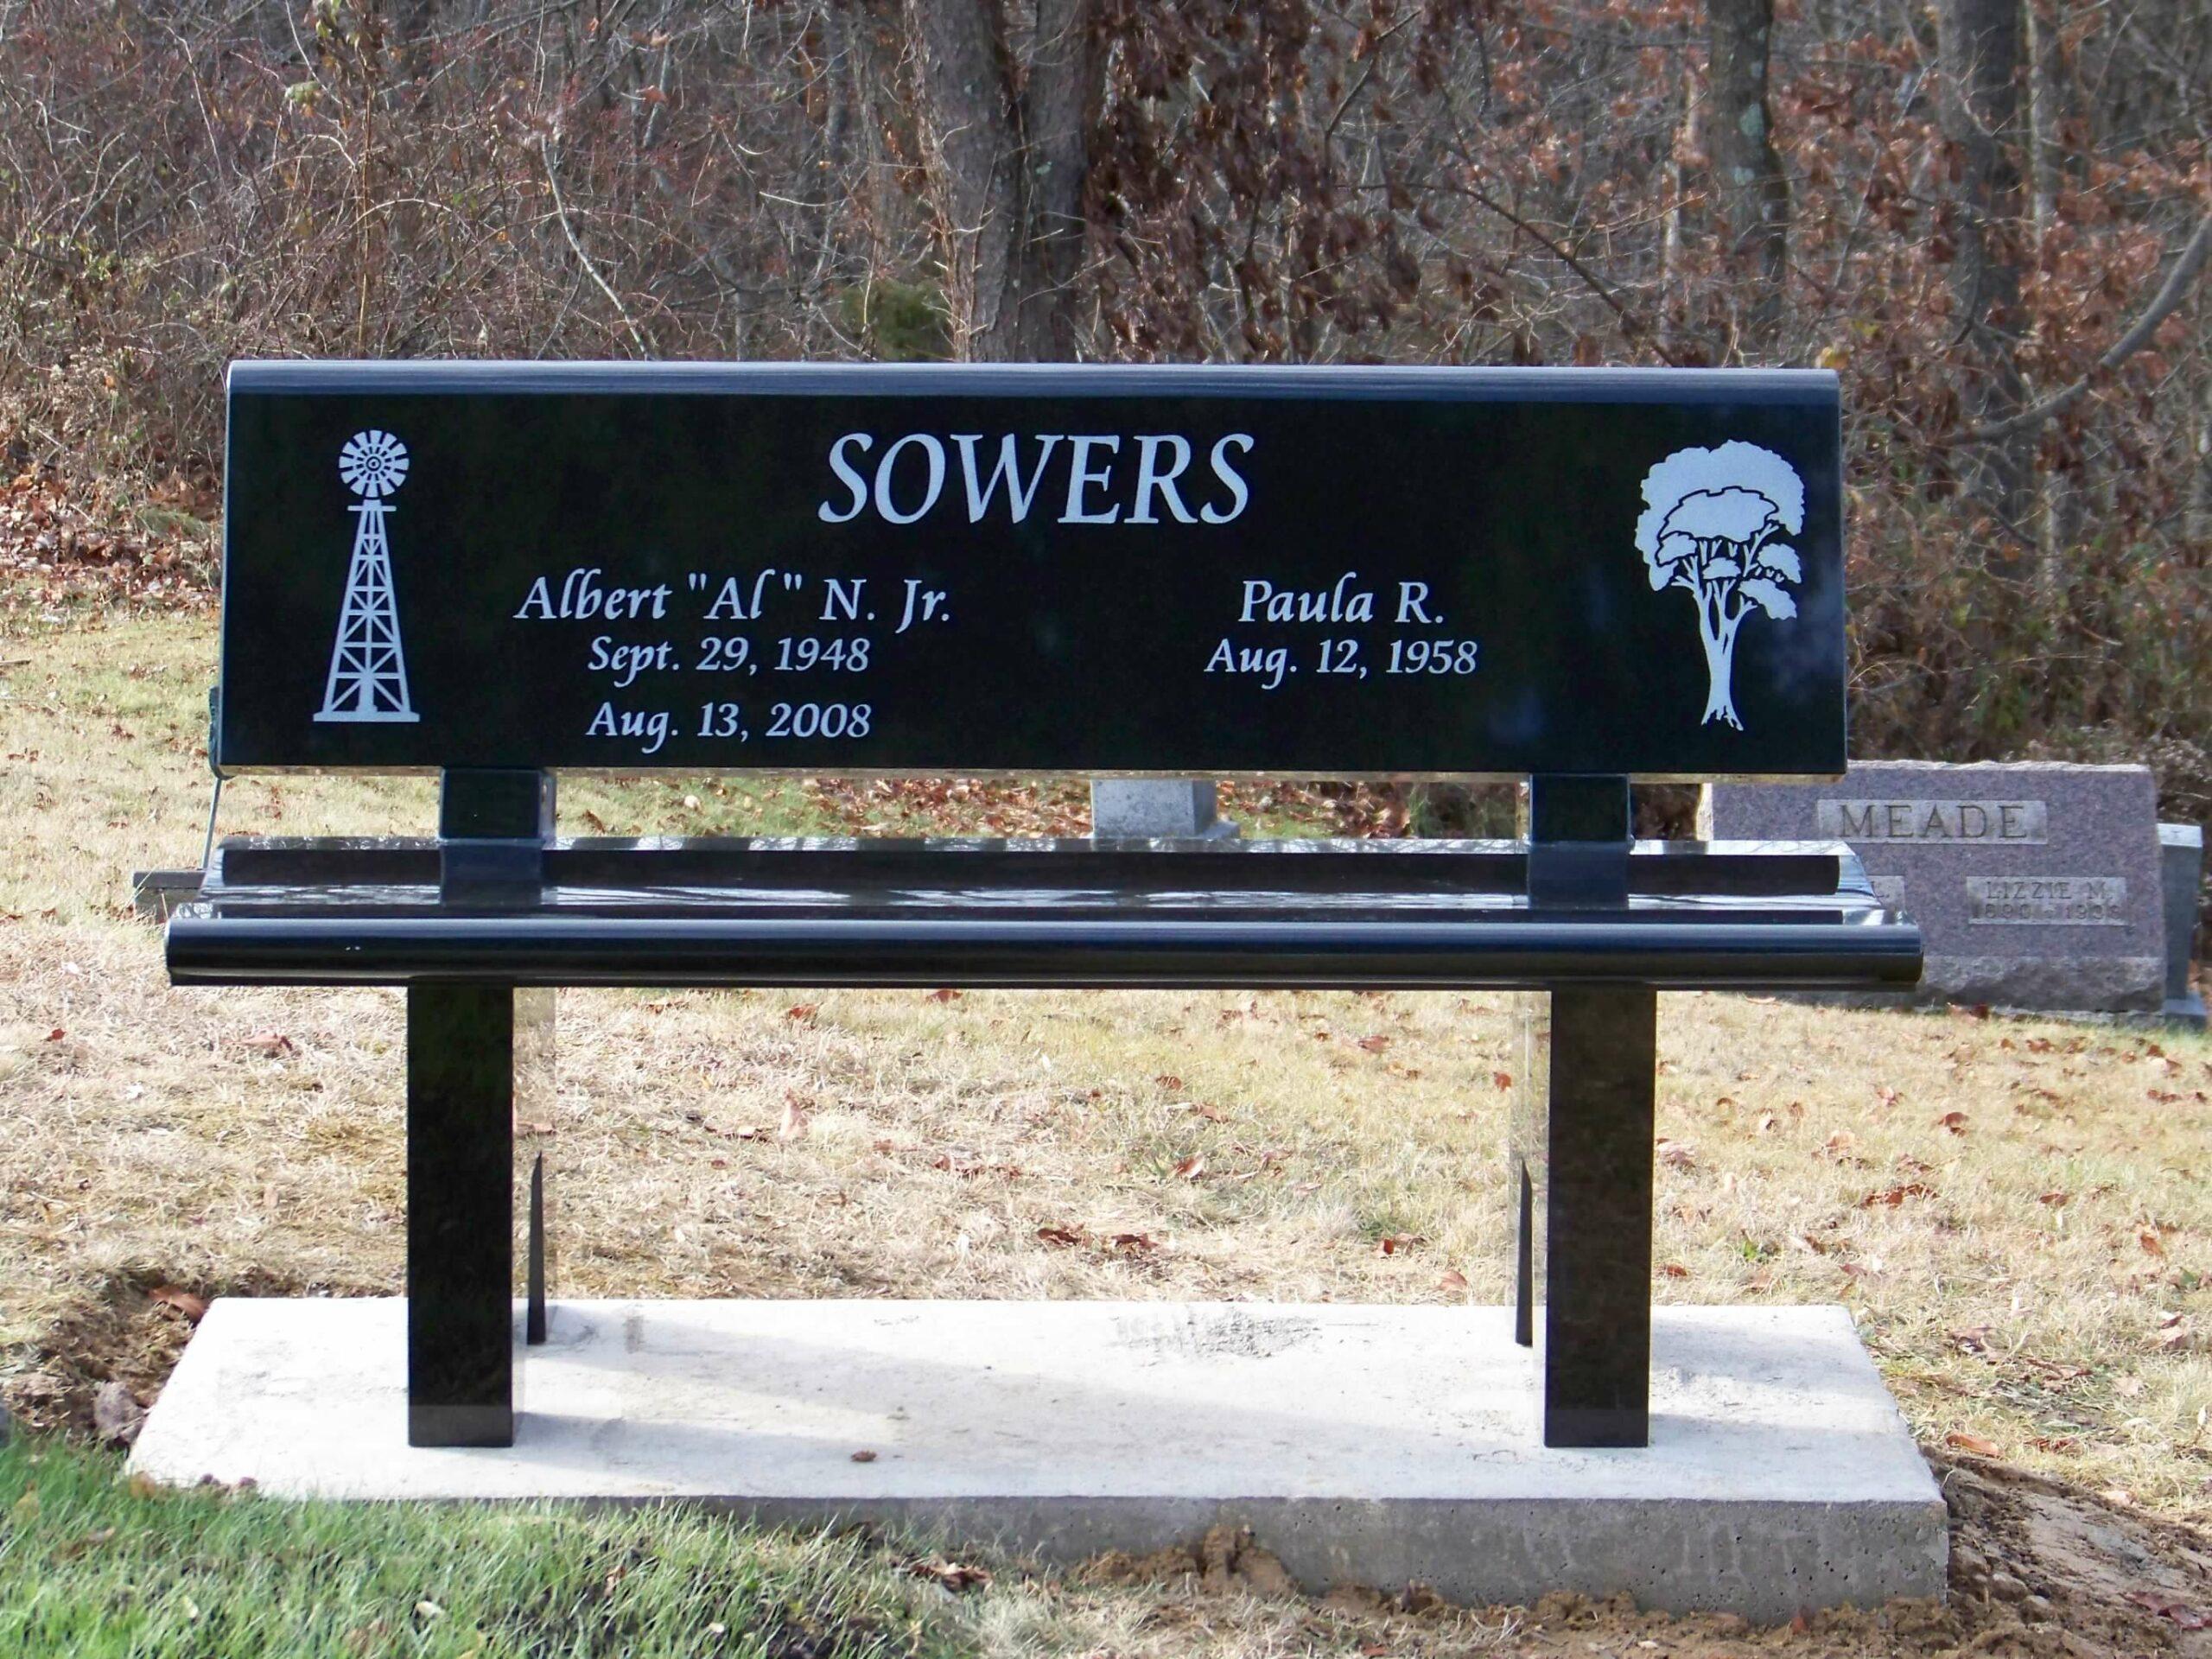 Sowers, Albert N. Jr.